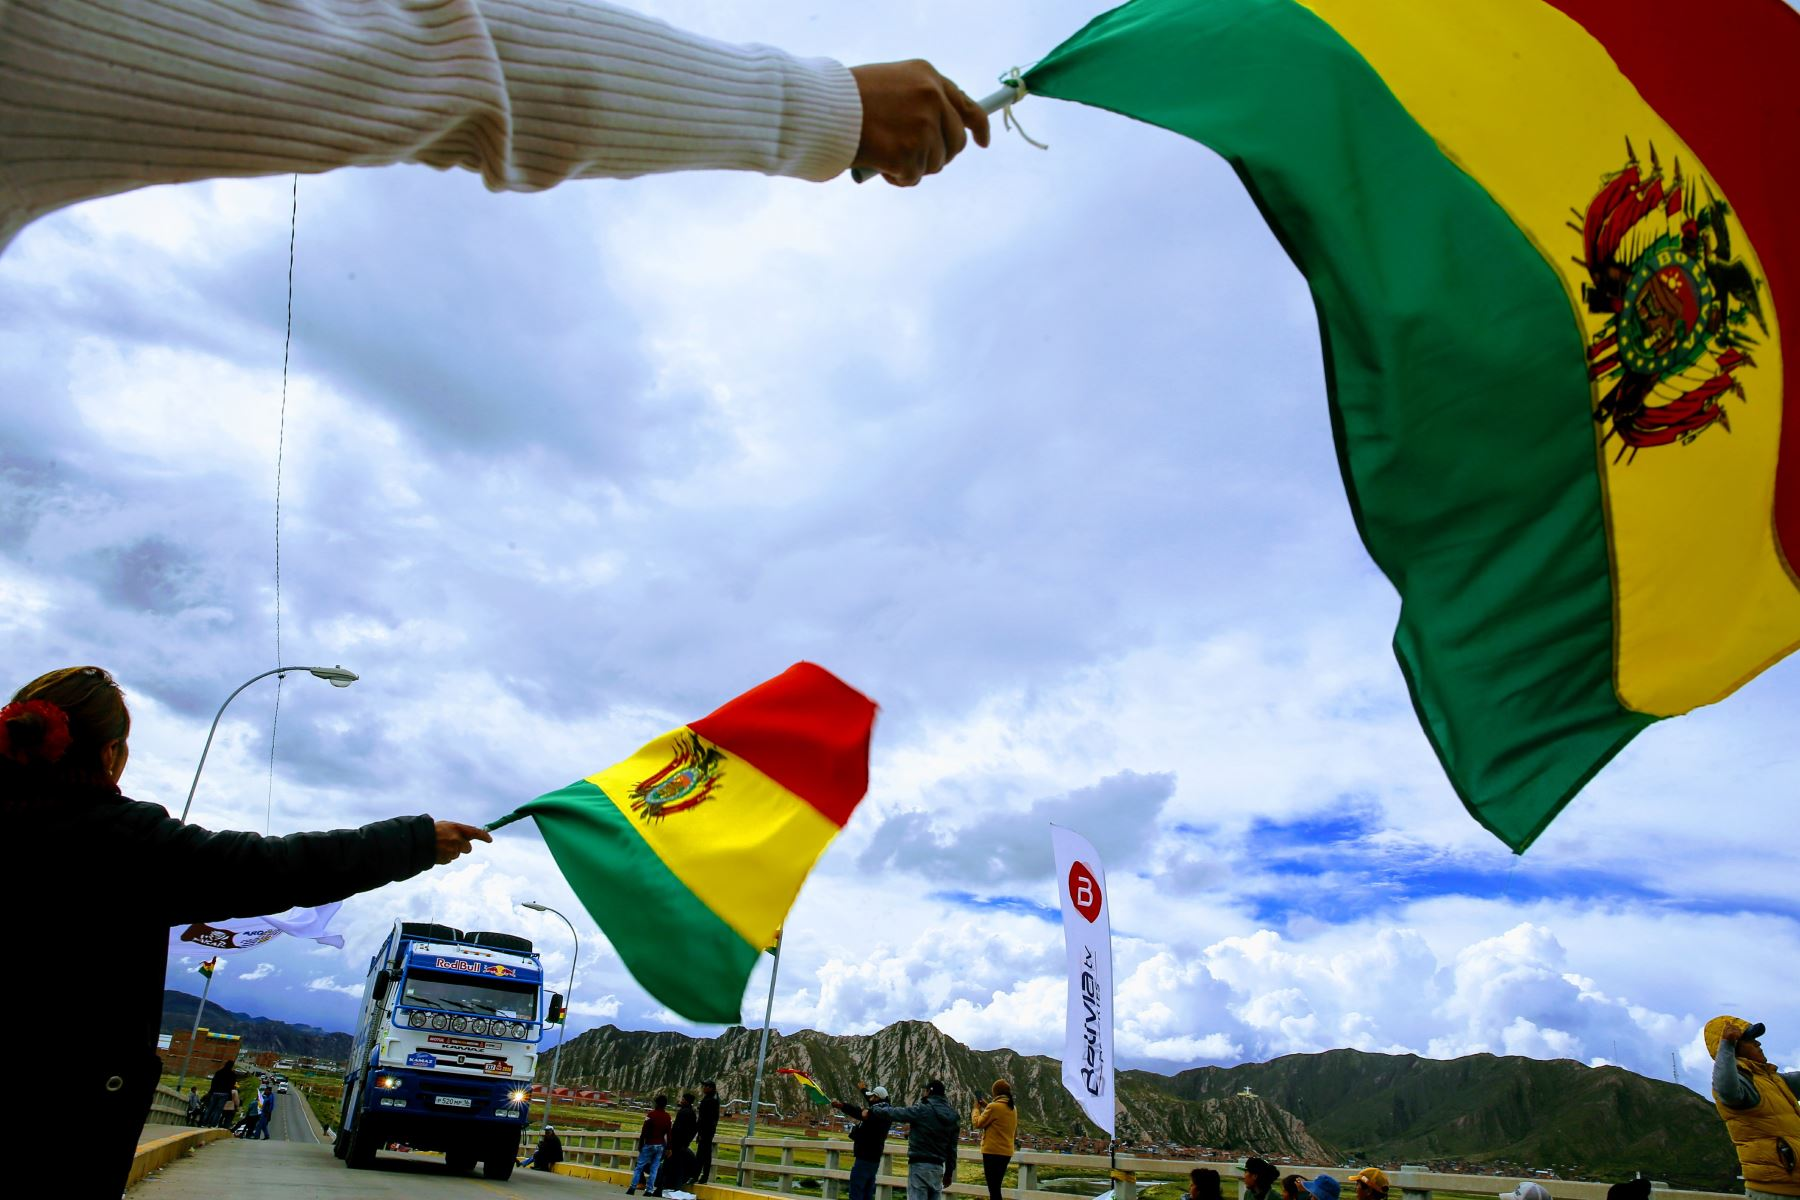 PUNO-PERÚ-11-ENERO. Corredores del Dakar 2018 se trasladan a Bolivia para continuar con las etapas del rally. Foto: ANDINA/Luis Iparraguirre